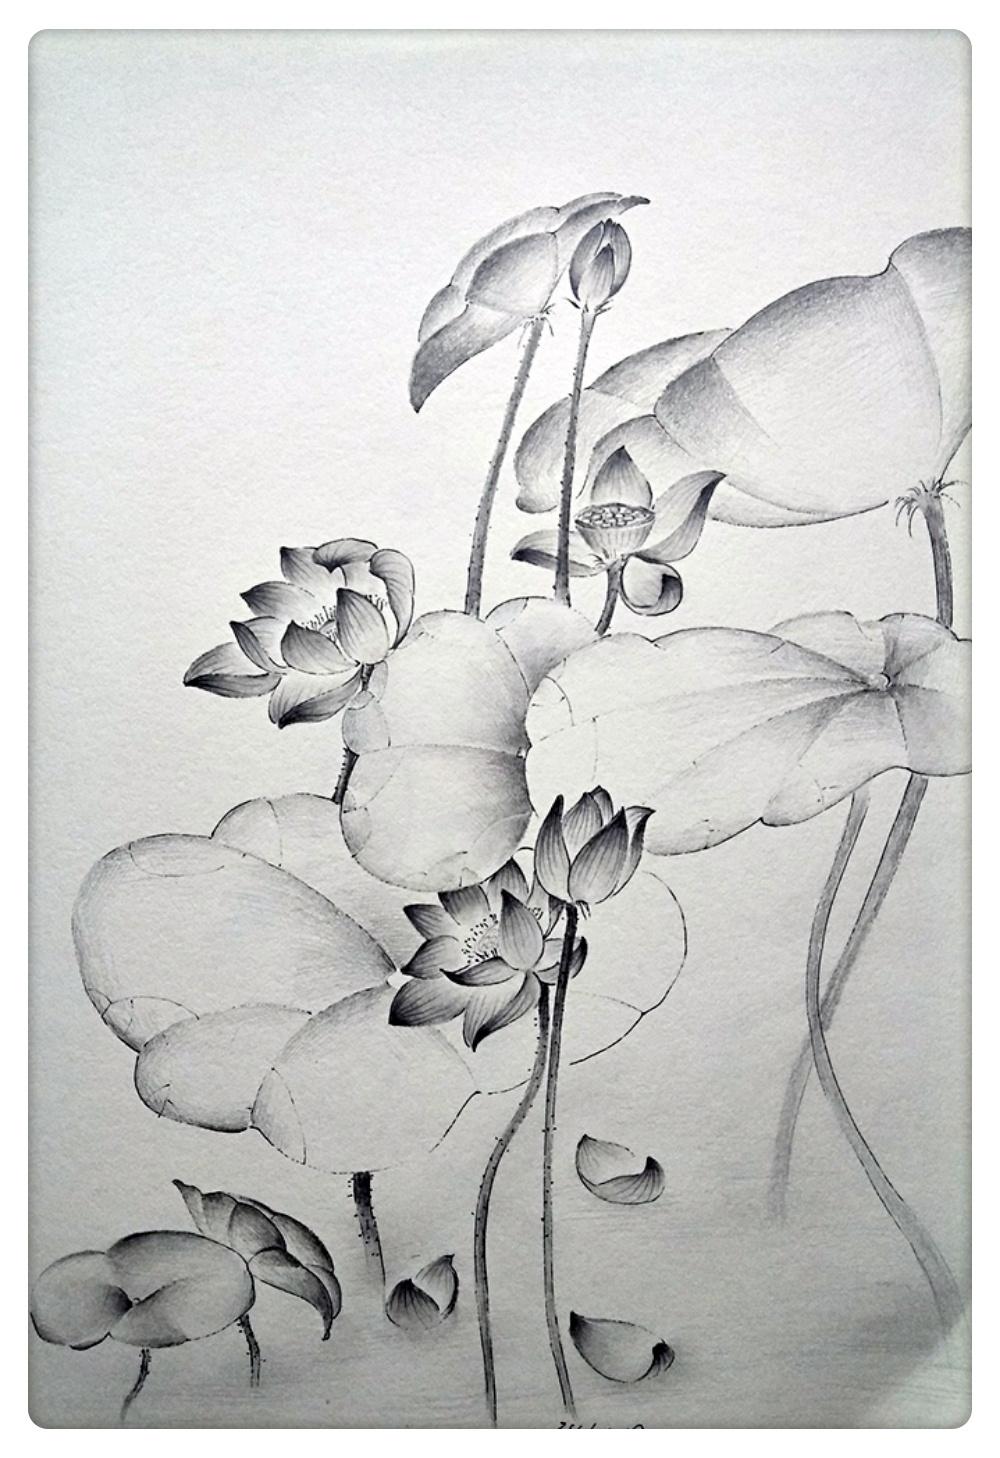 黑白线描风景插画|插画|其他插画|my柠檬 - 原创作品